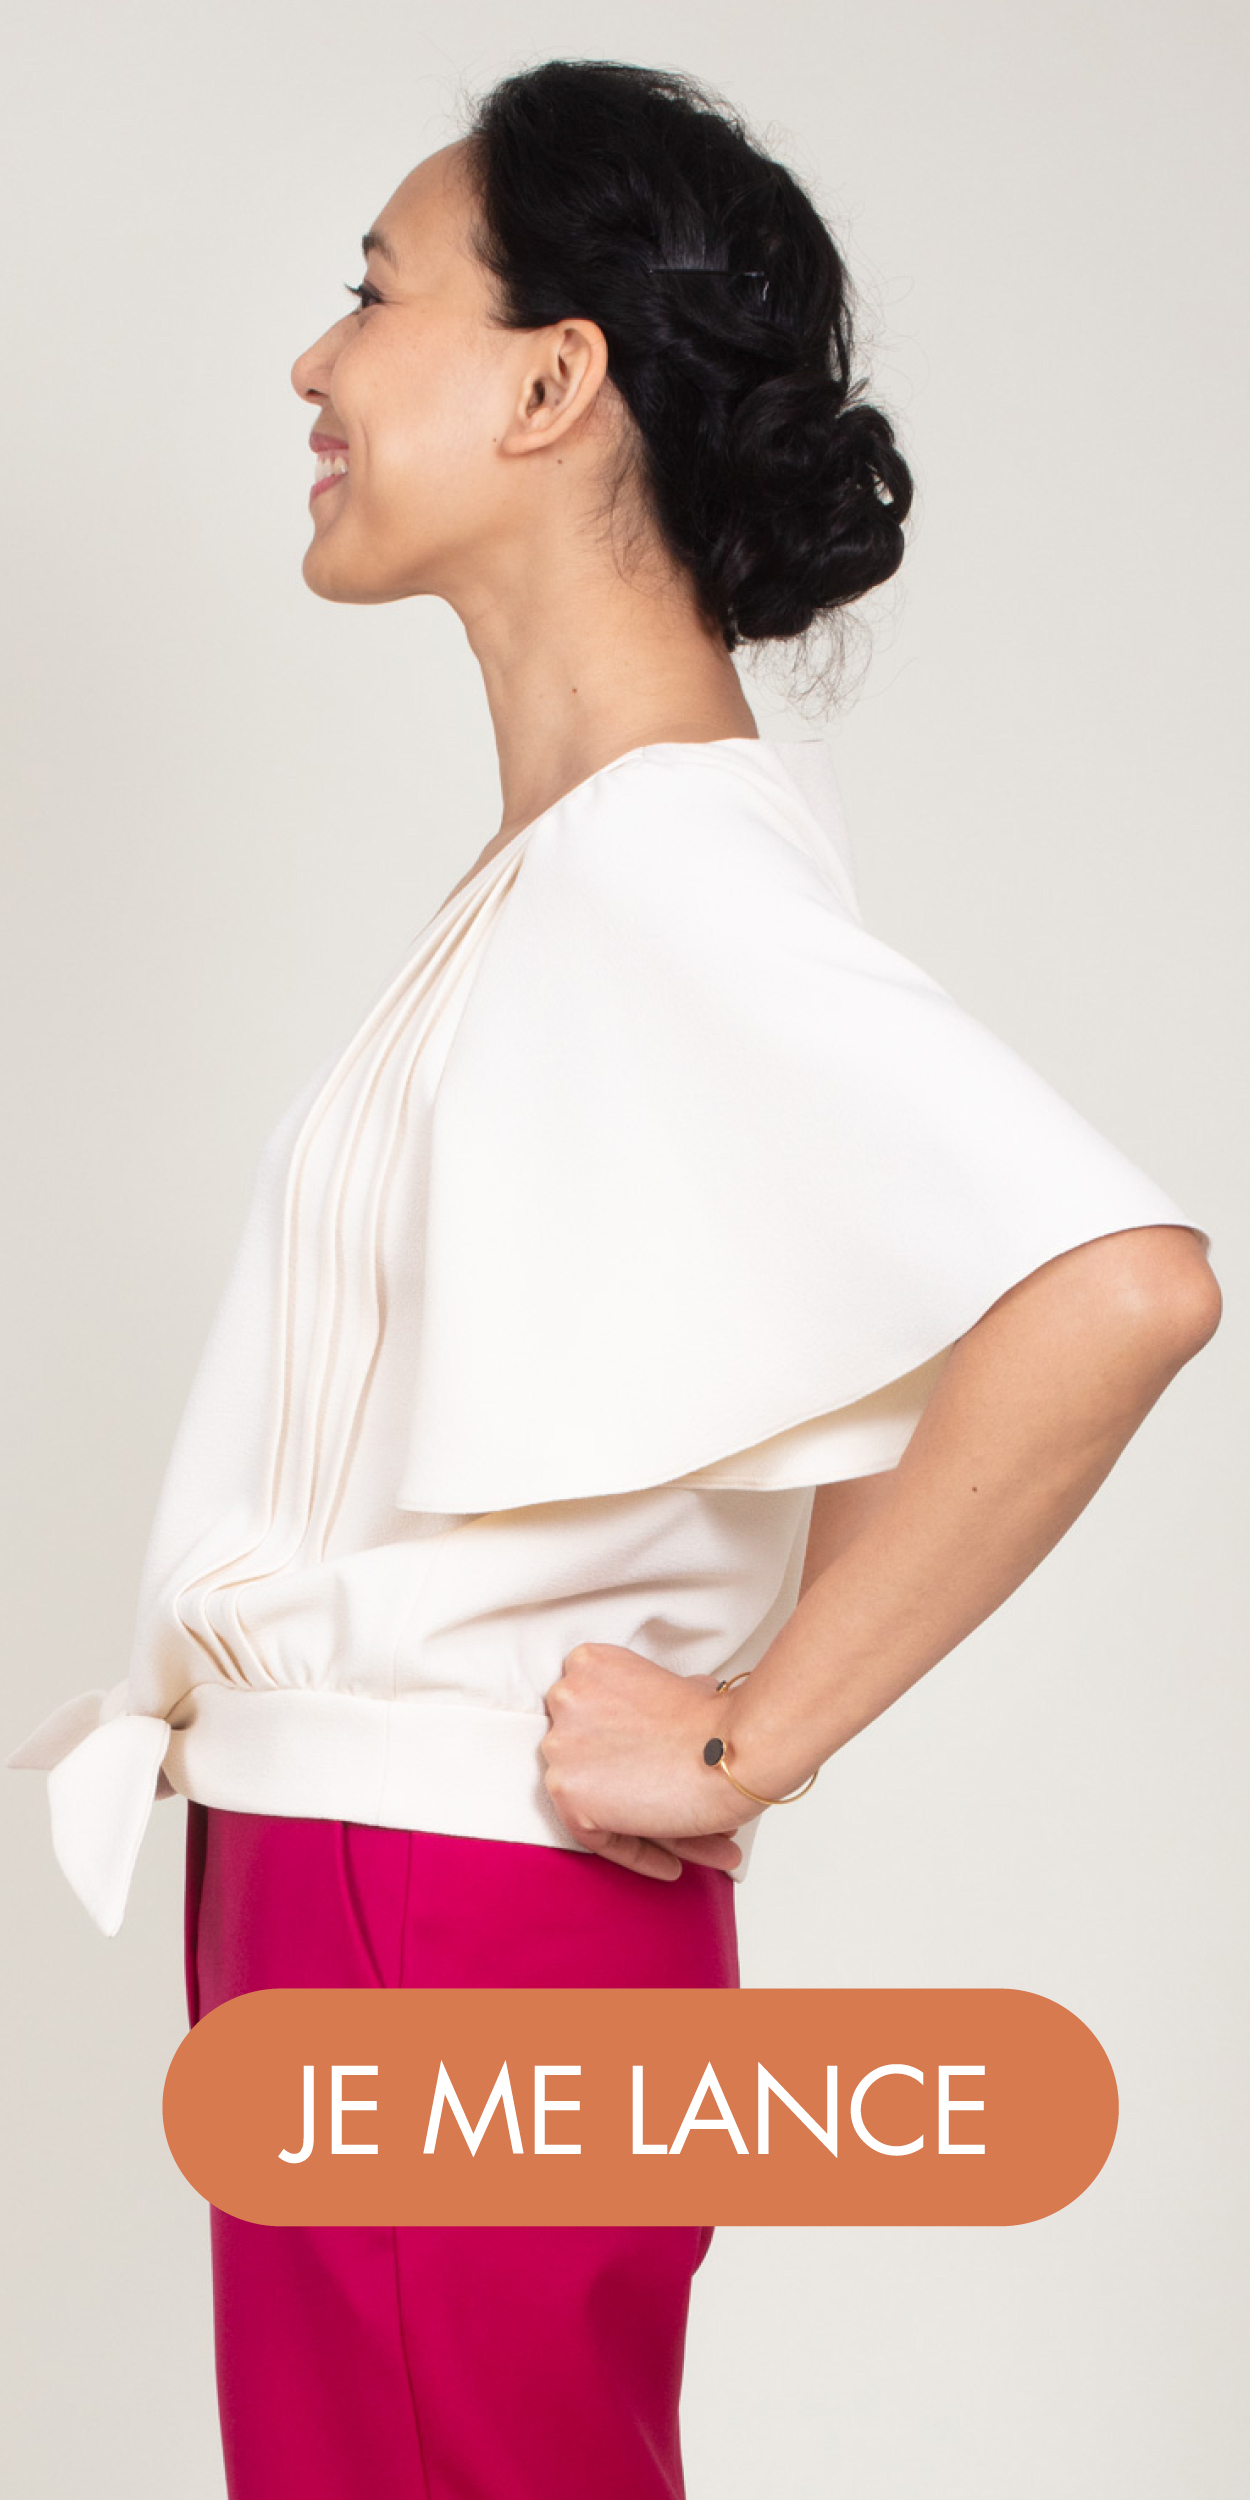 Patron de couture blouse Amanda - Ose Patterns